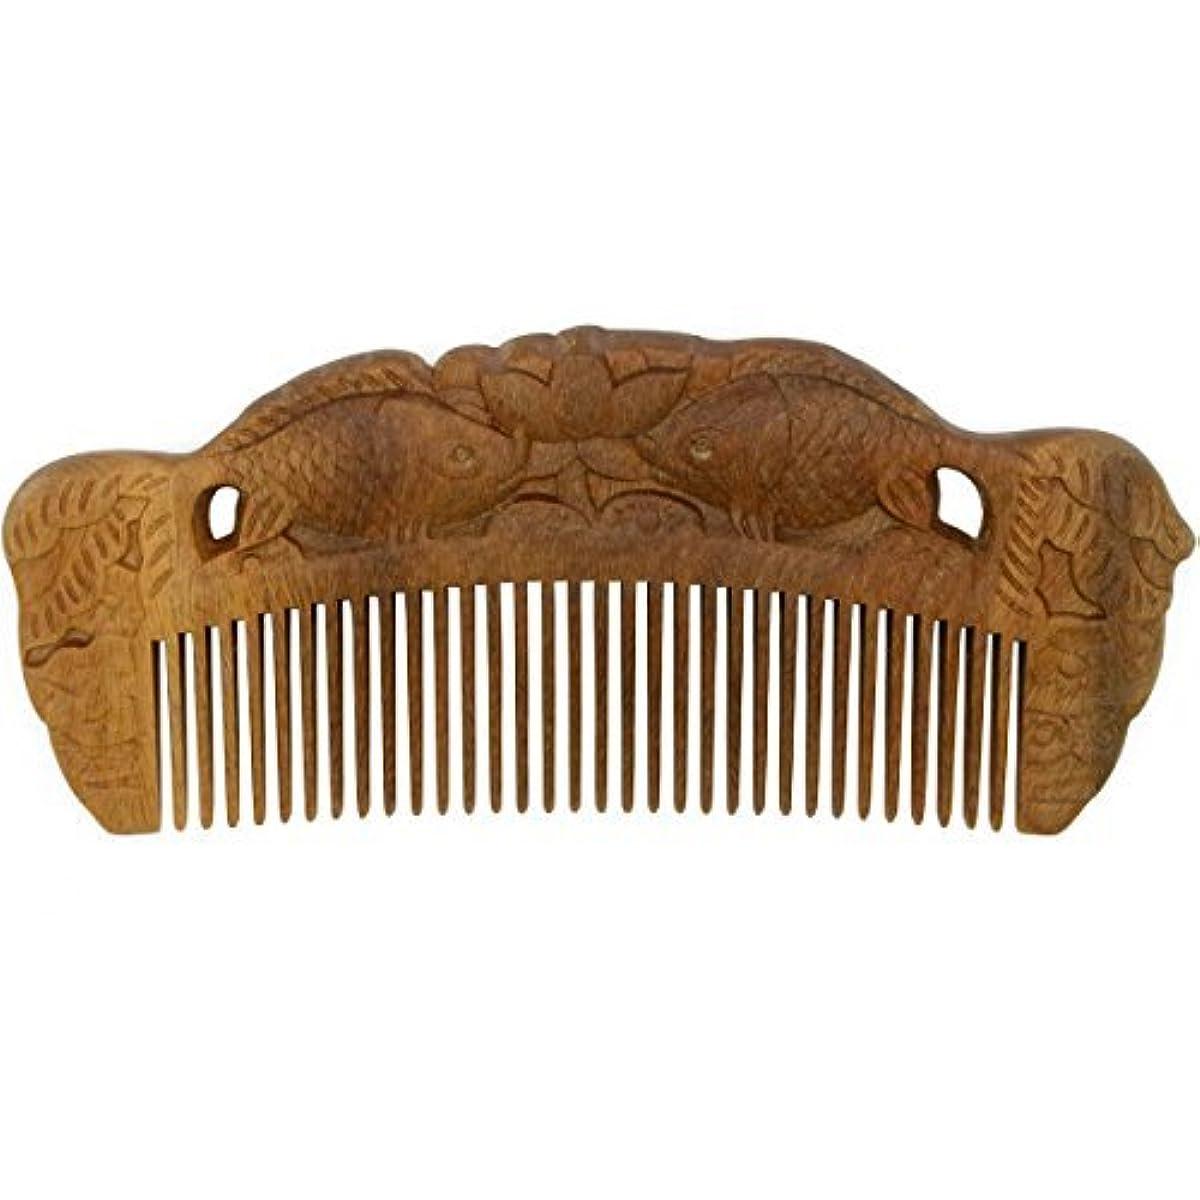 活性化するメルボルン便宜YOY Handmade Carved Natural Sandalwood Hair Comb - Anti-static No Snag Brush for Men's Mustache Beard Care Anti...